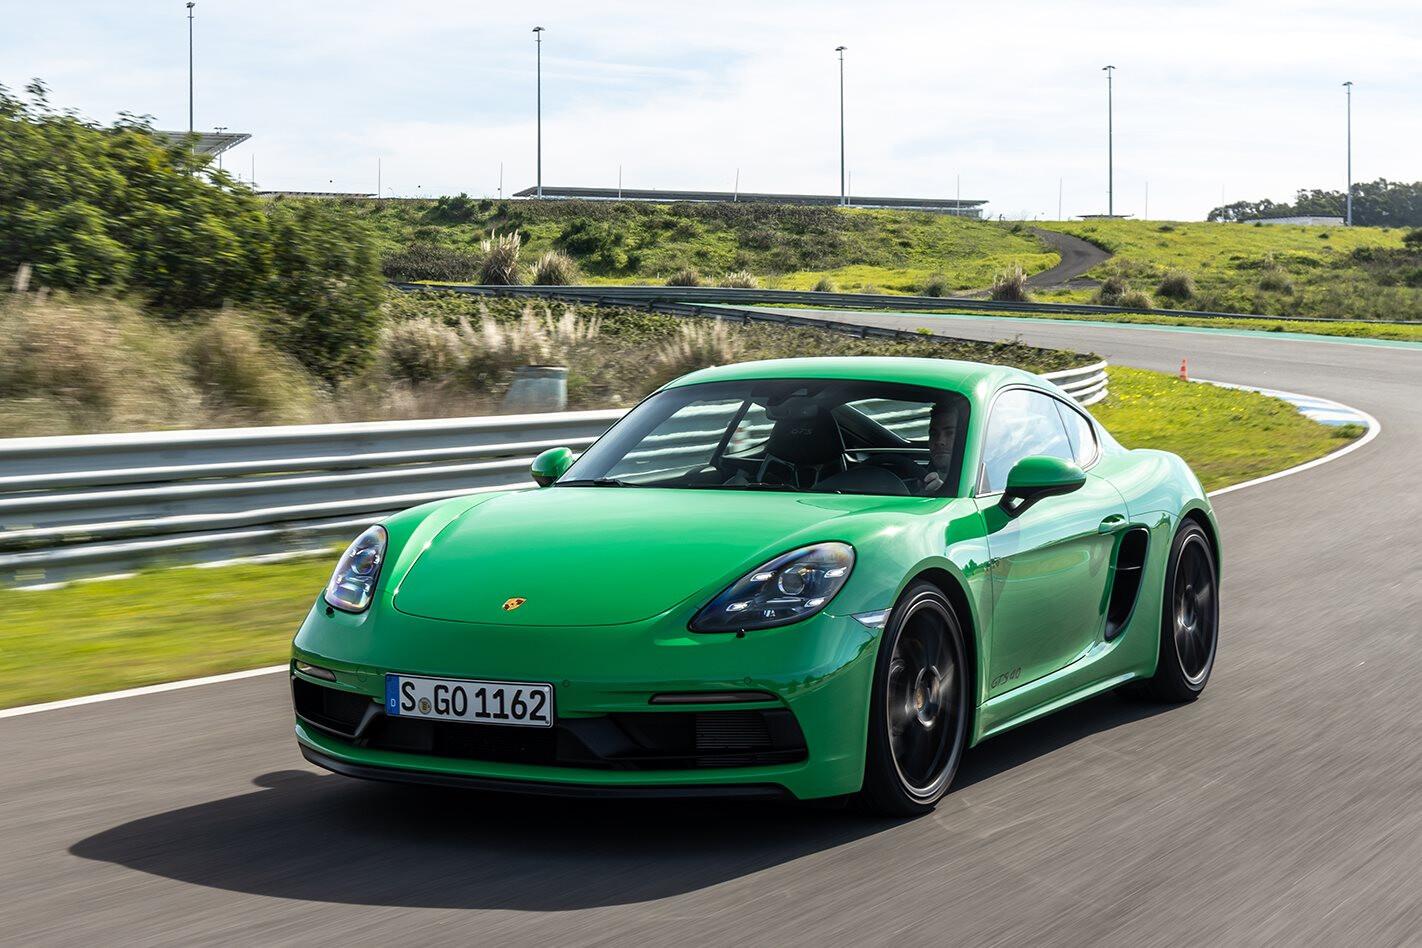 Porsche Cayman G Ts Review Main Jpg